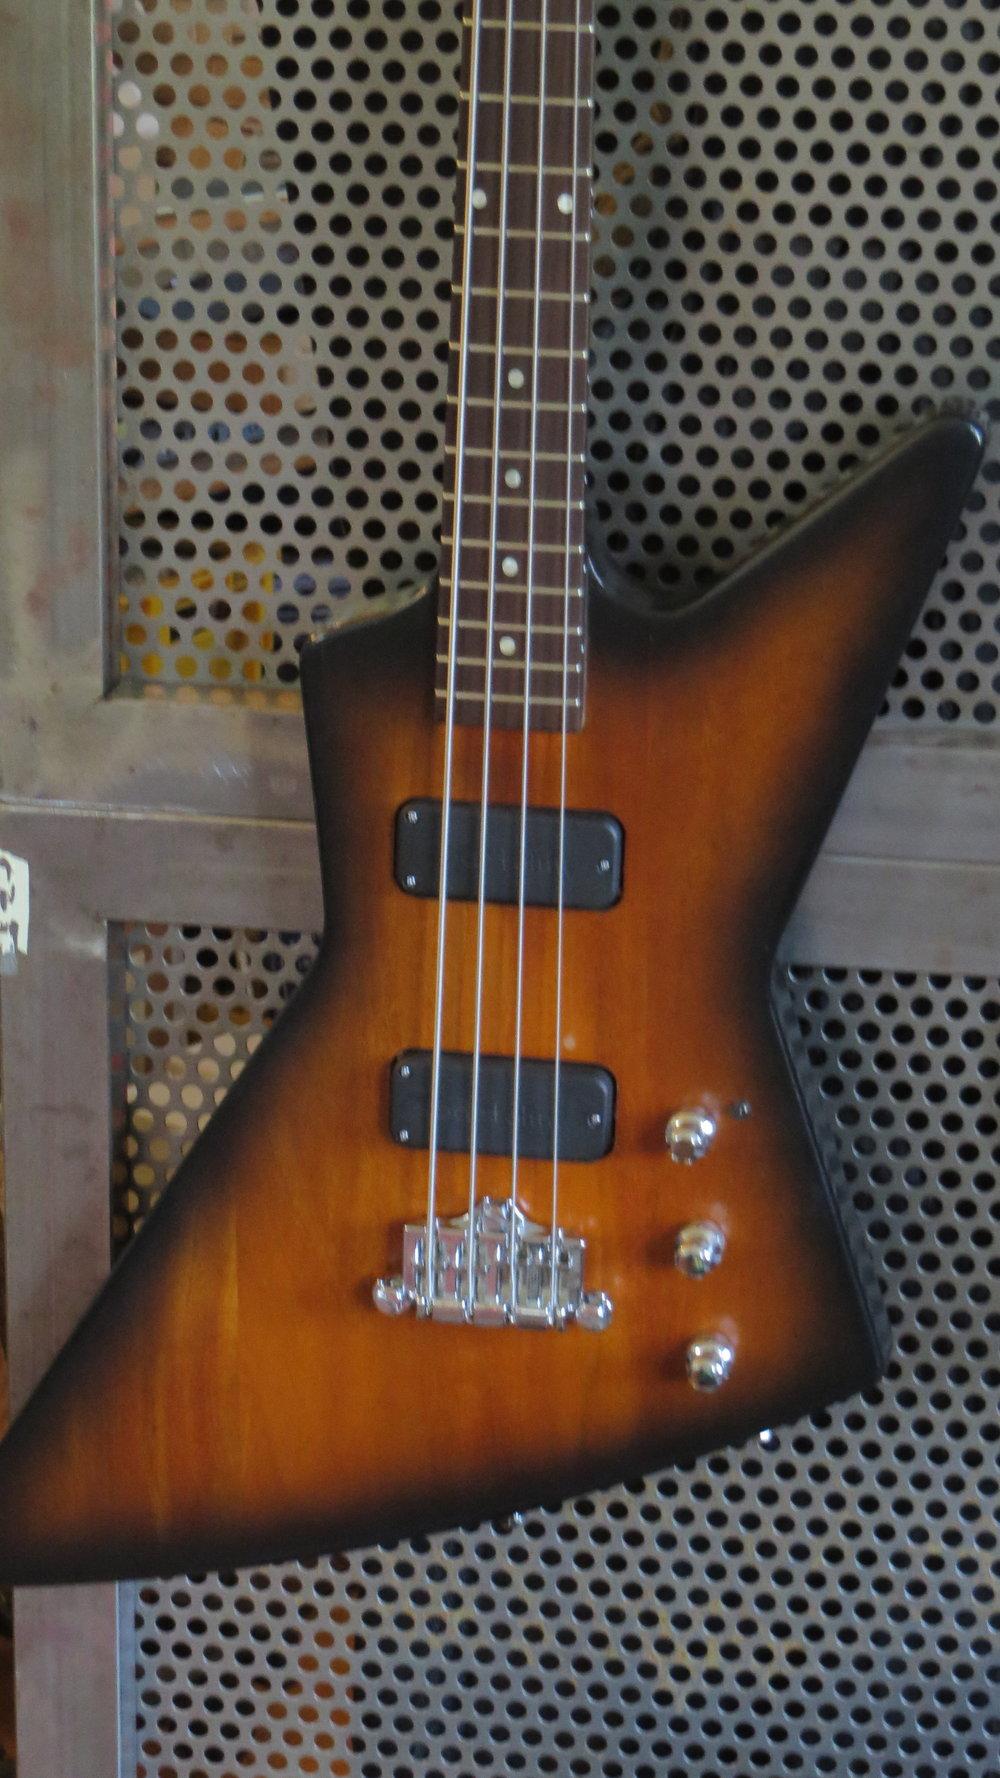 - Diesen Gibson Explorer Bass hatte mein Kunde als Fretless günstig geschossen. Aber besonders toll klang der nicht. An dem massiven Mahagoni-Korpus und dem eingeleimten Hals konnte es nicht liegen. Also bekam ich den Auftrag, den Hals zu bundieren. Und dann auch gleich eine aktive Elektronik mit mehr Soundmöglicheiten einzubauen.